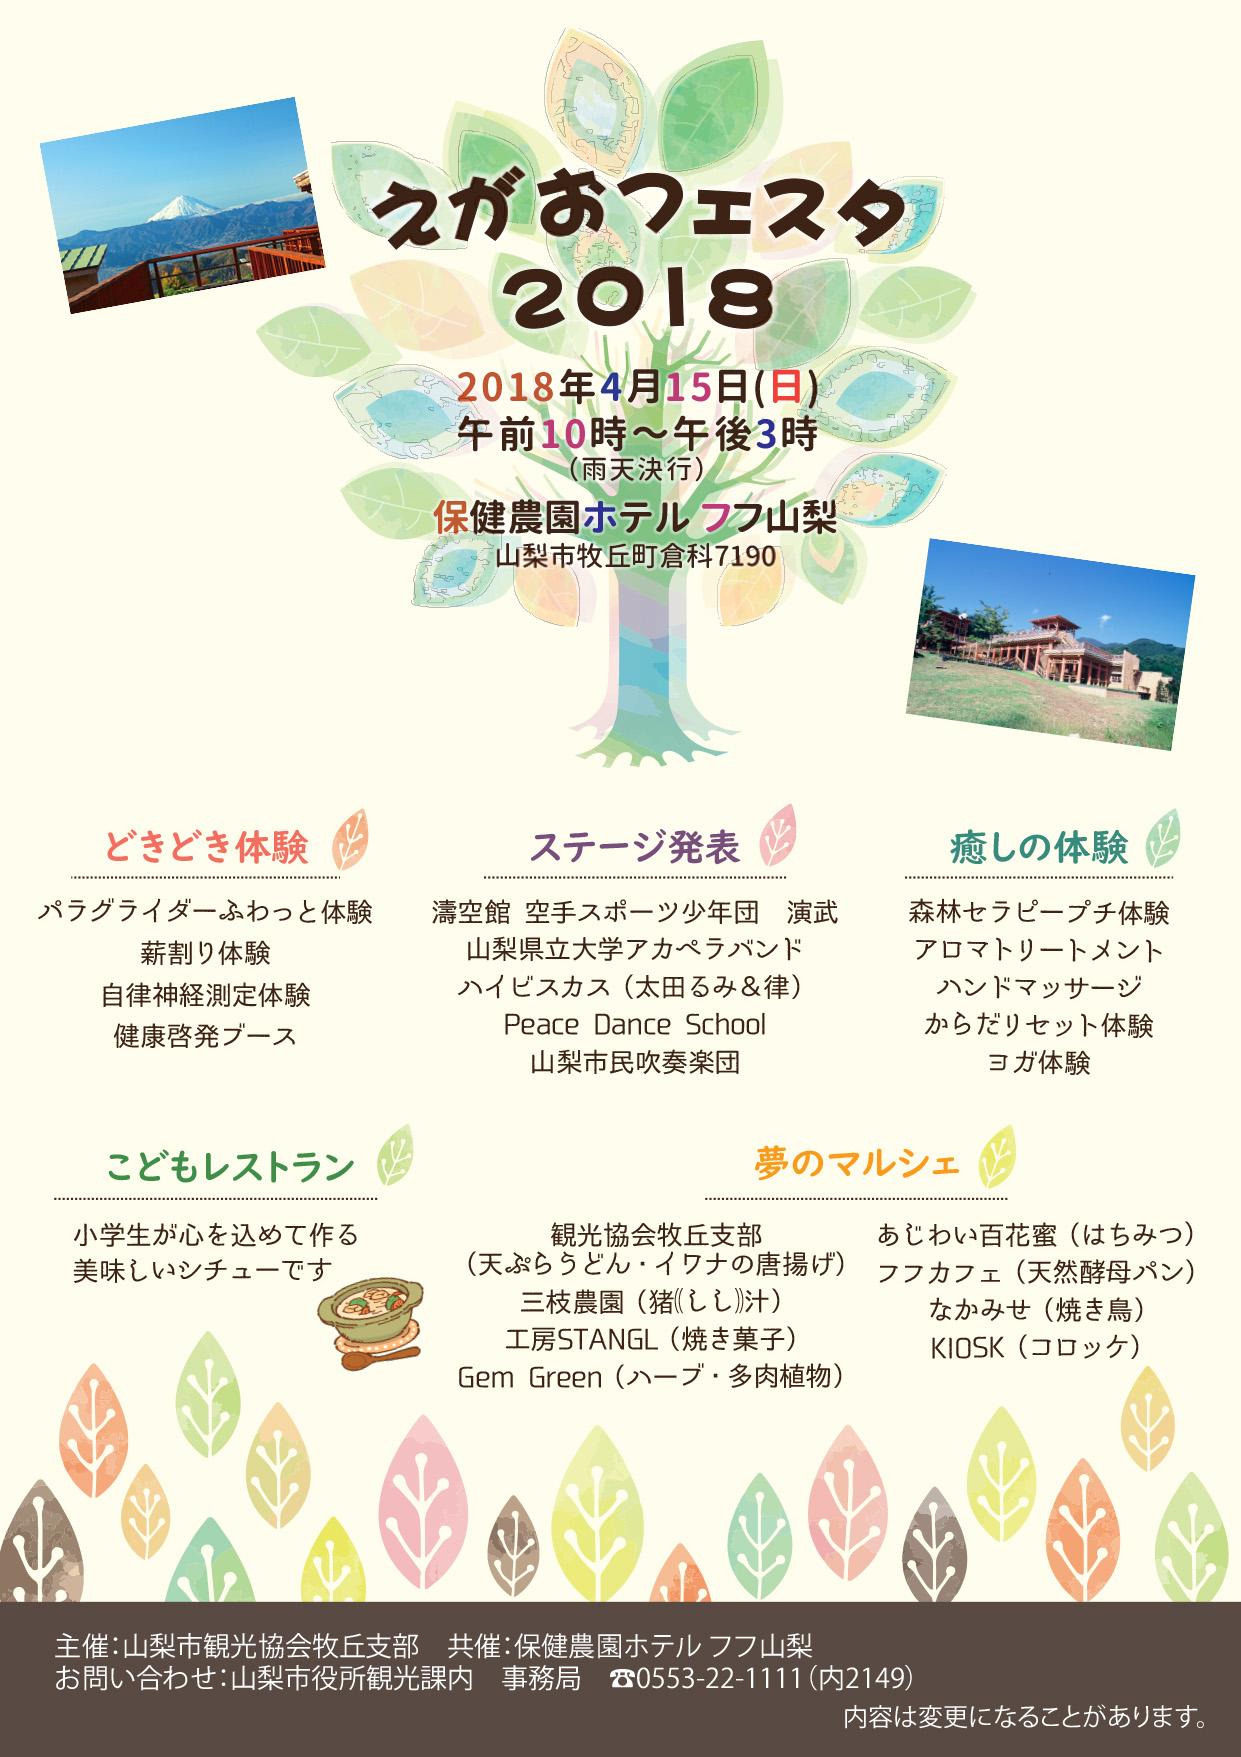 えがおフェスタ2018